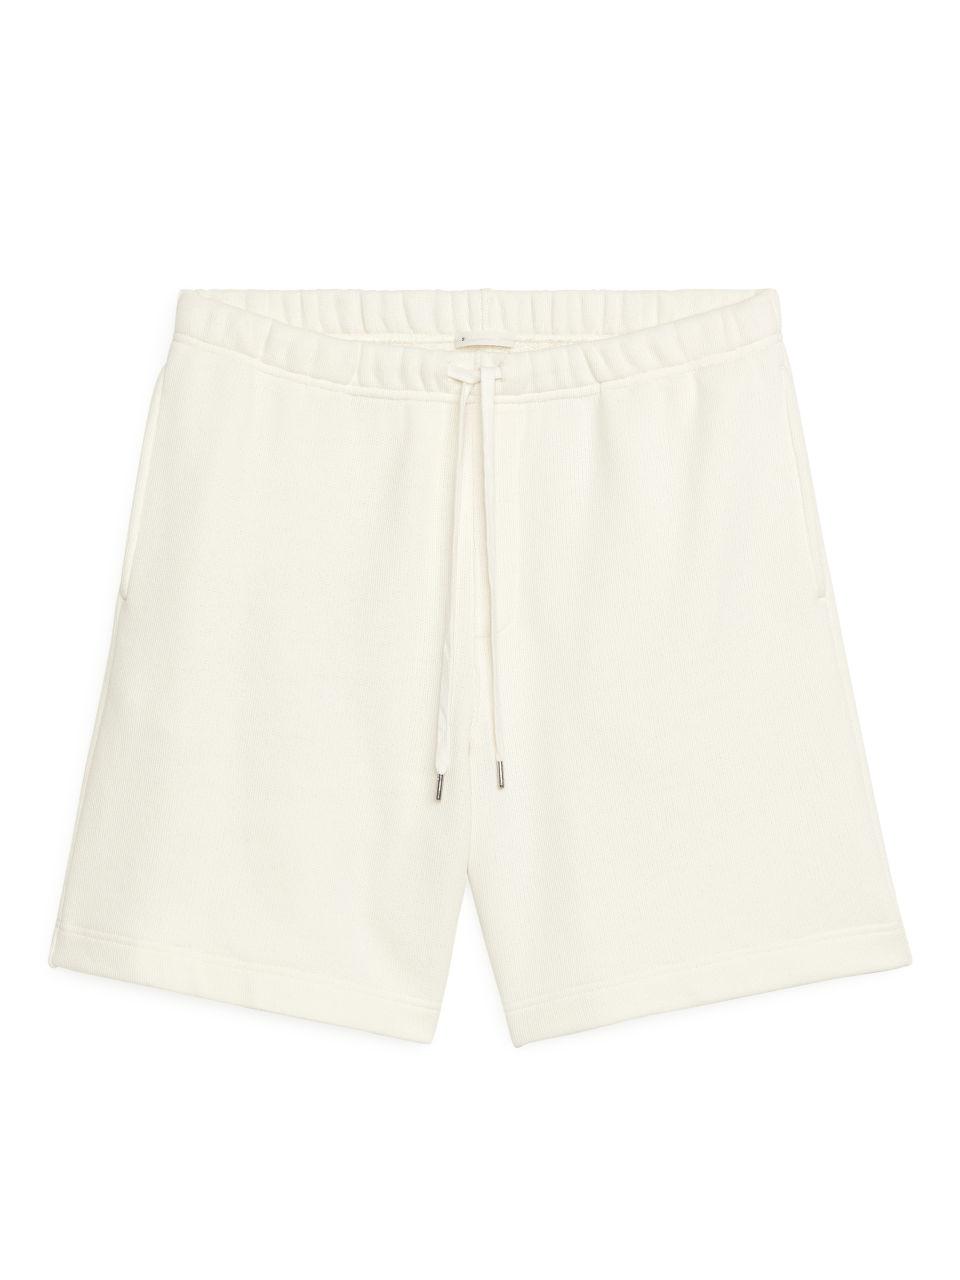 Sweat Shorts - White